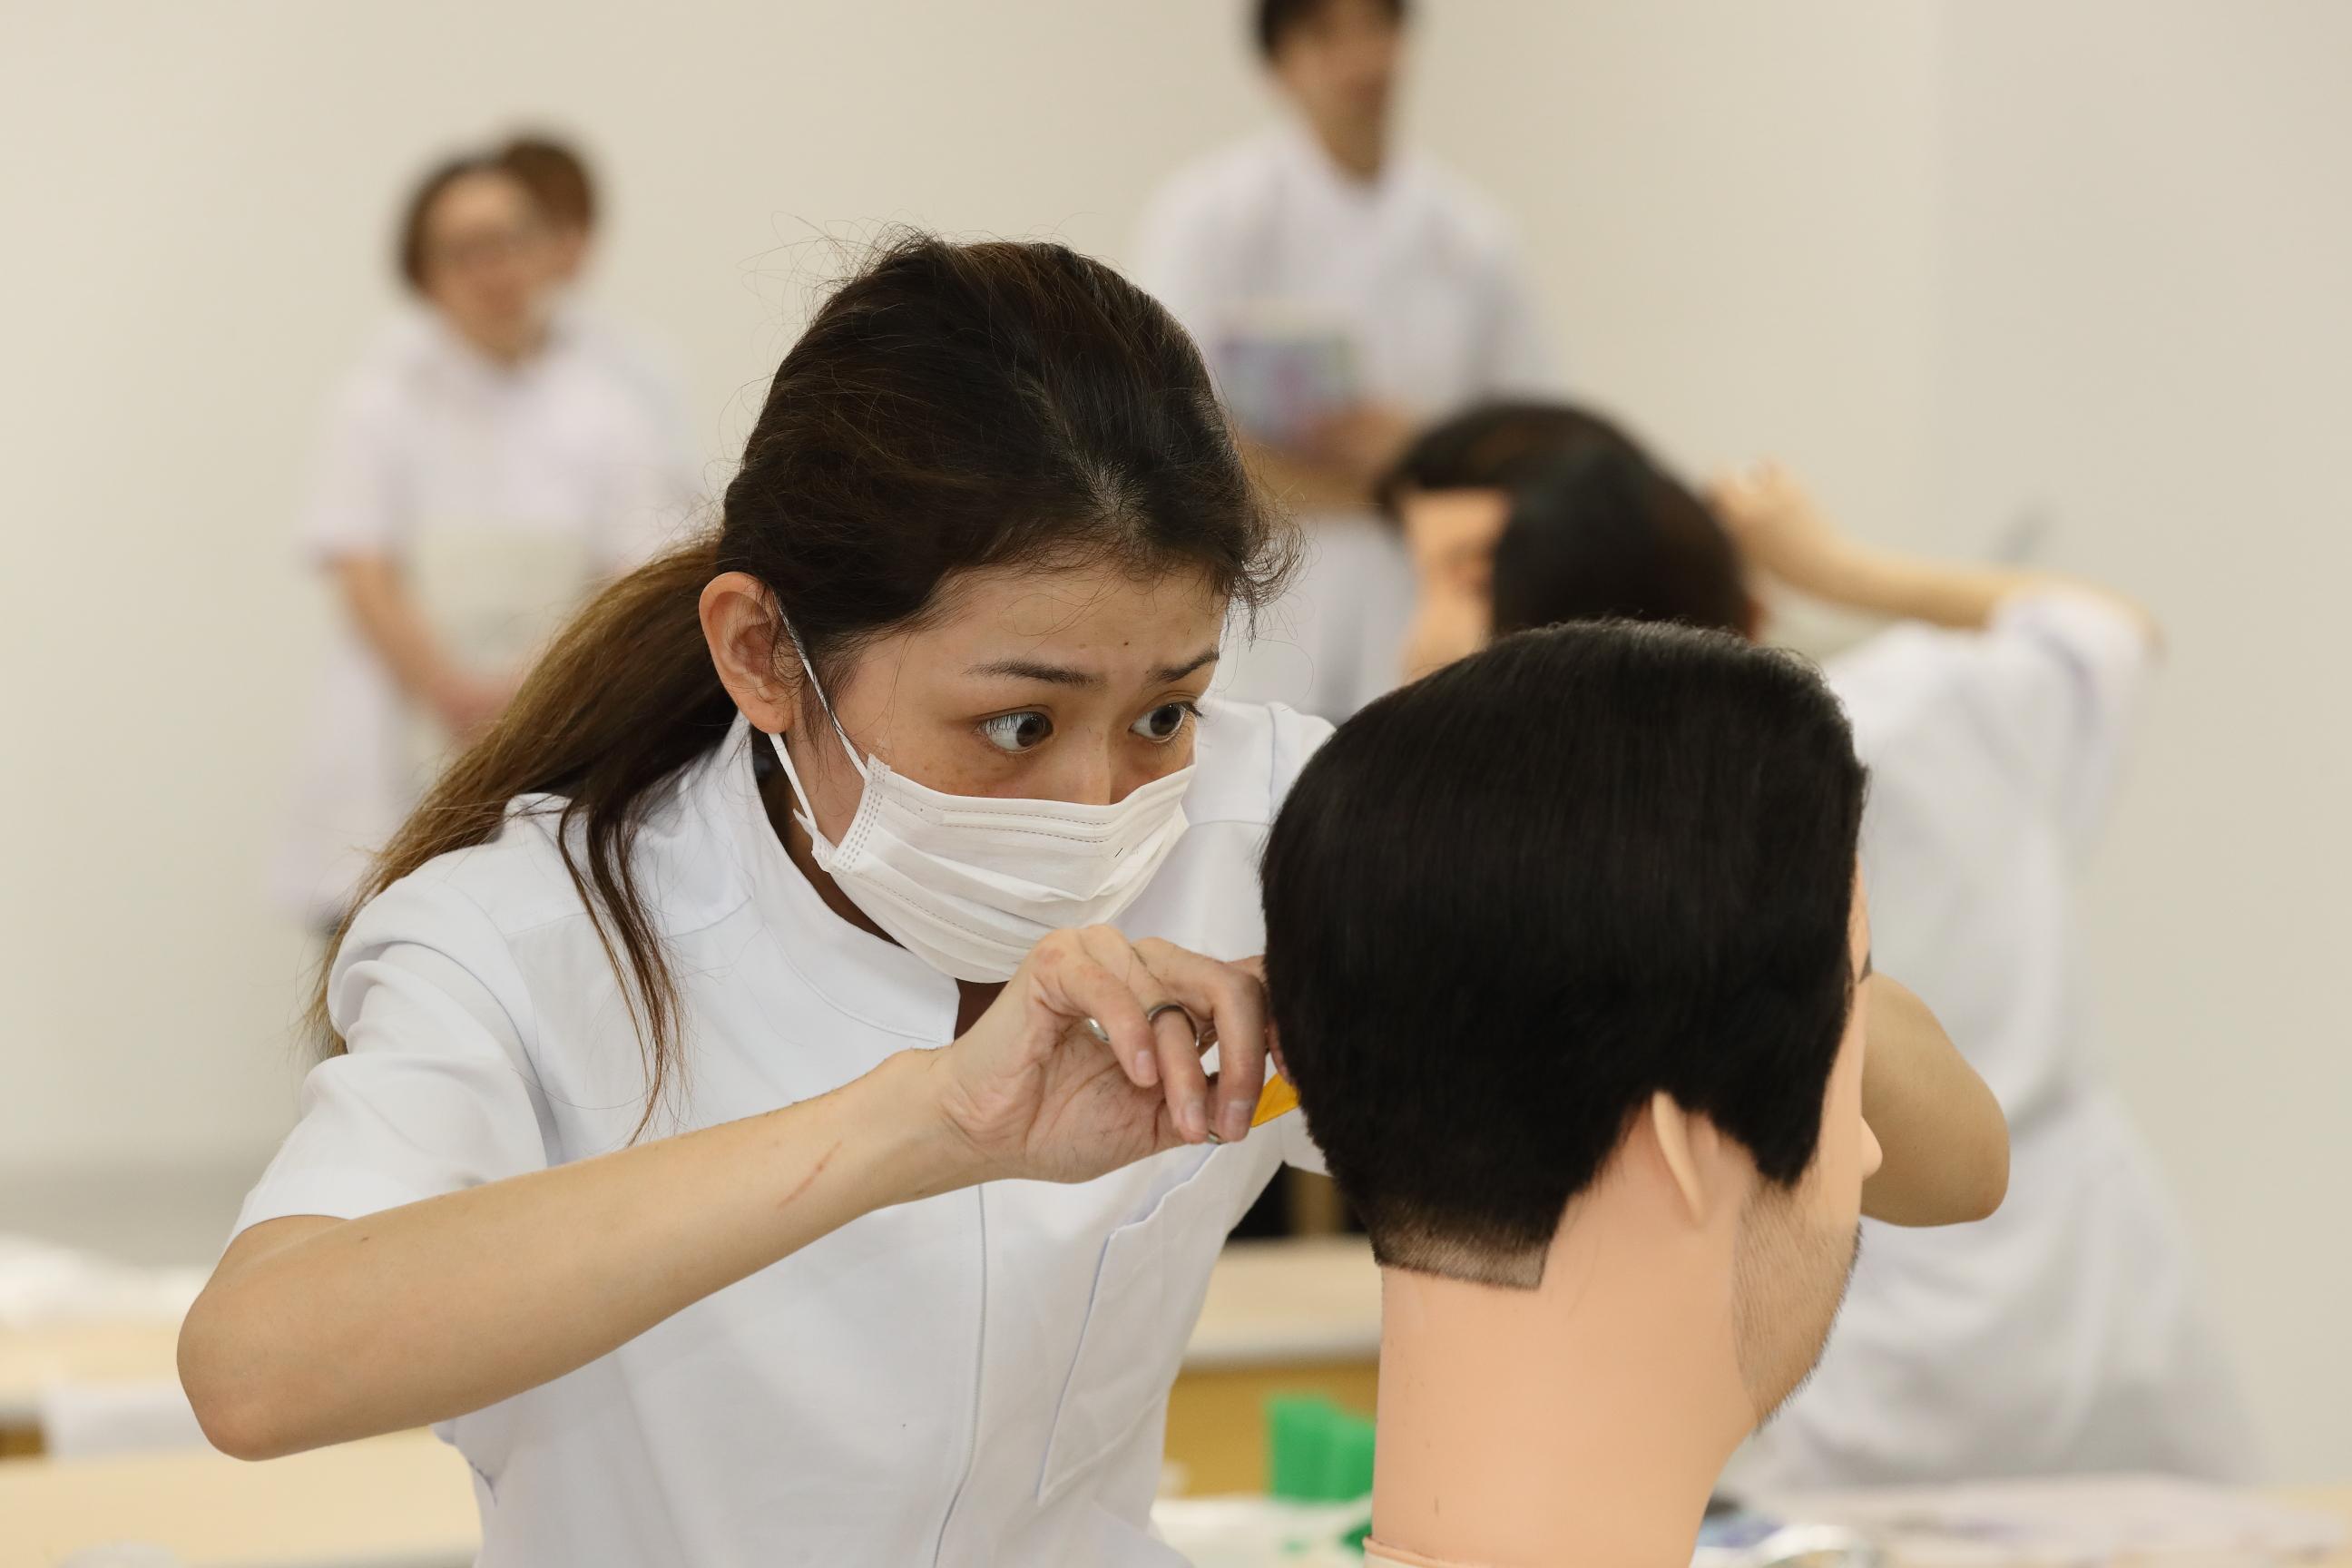 2019年度 昼間部(理容師養成コース・美容修得者コース)入学生 大募集中です!